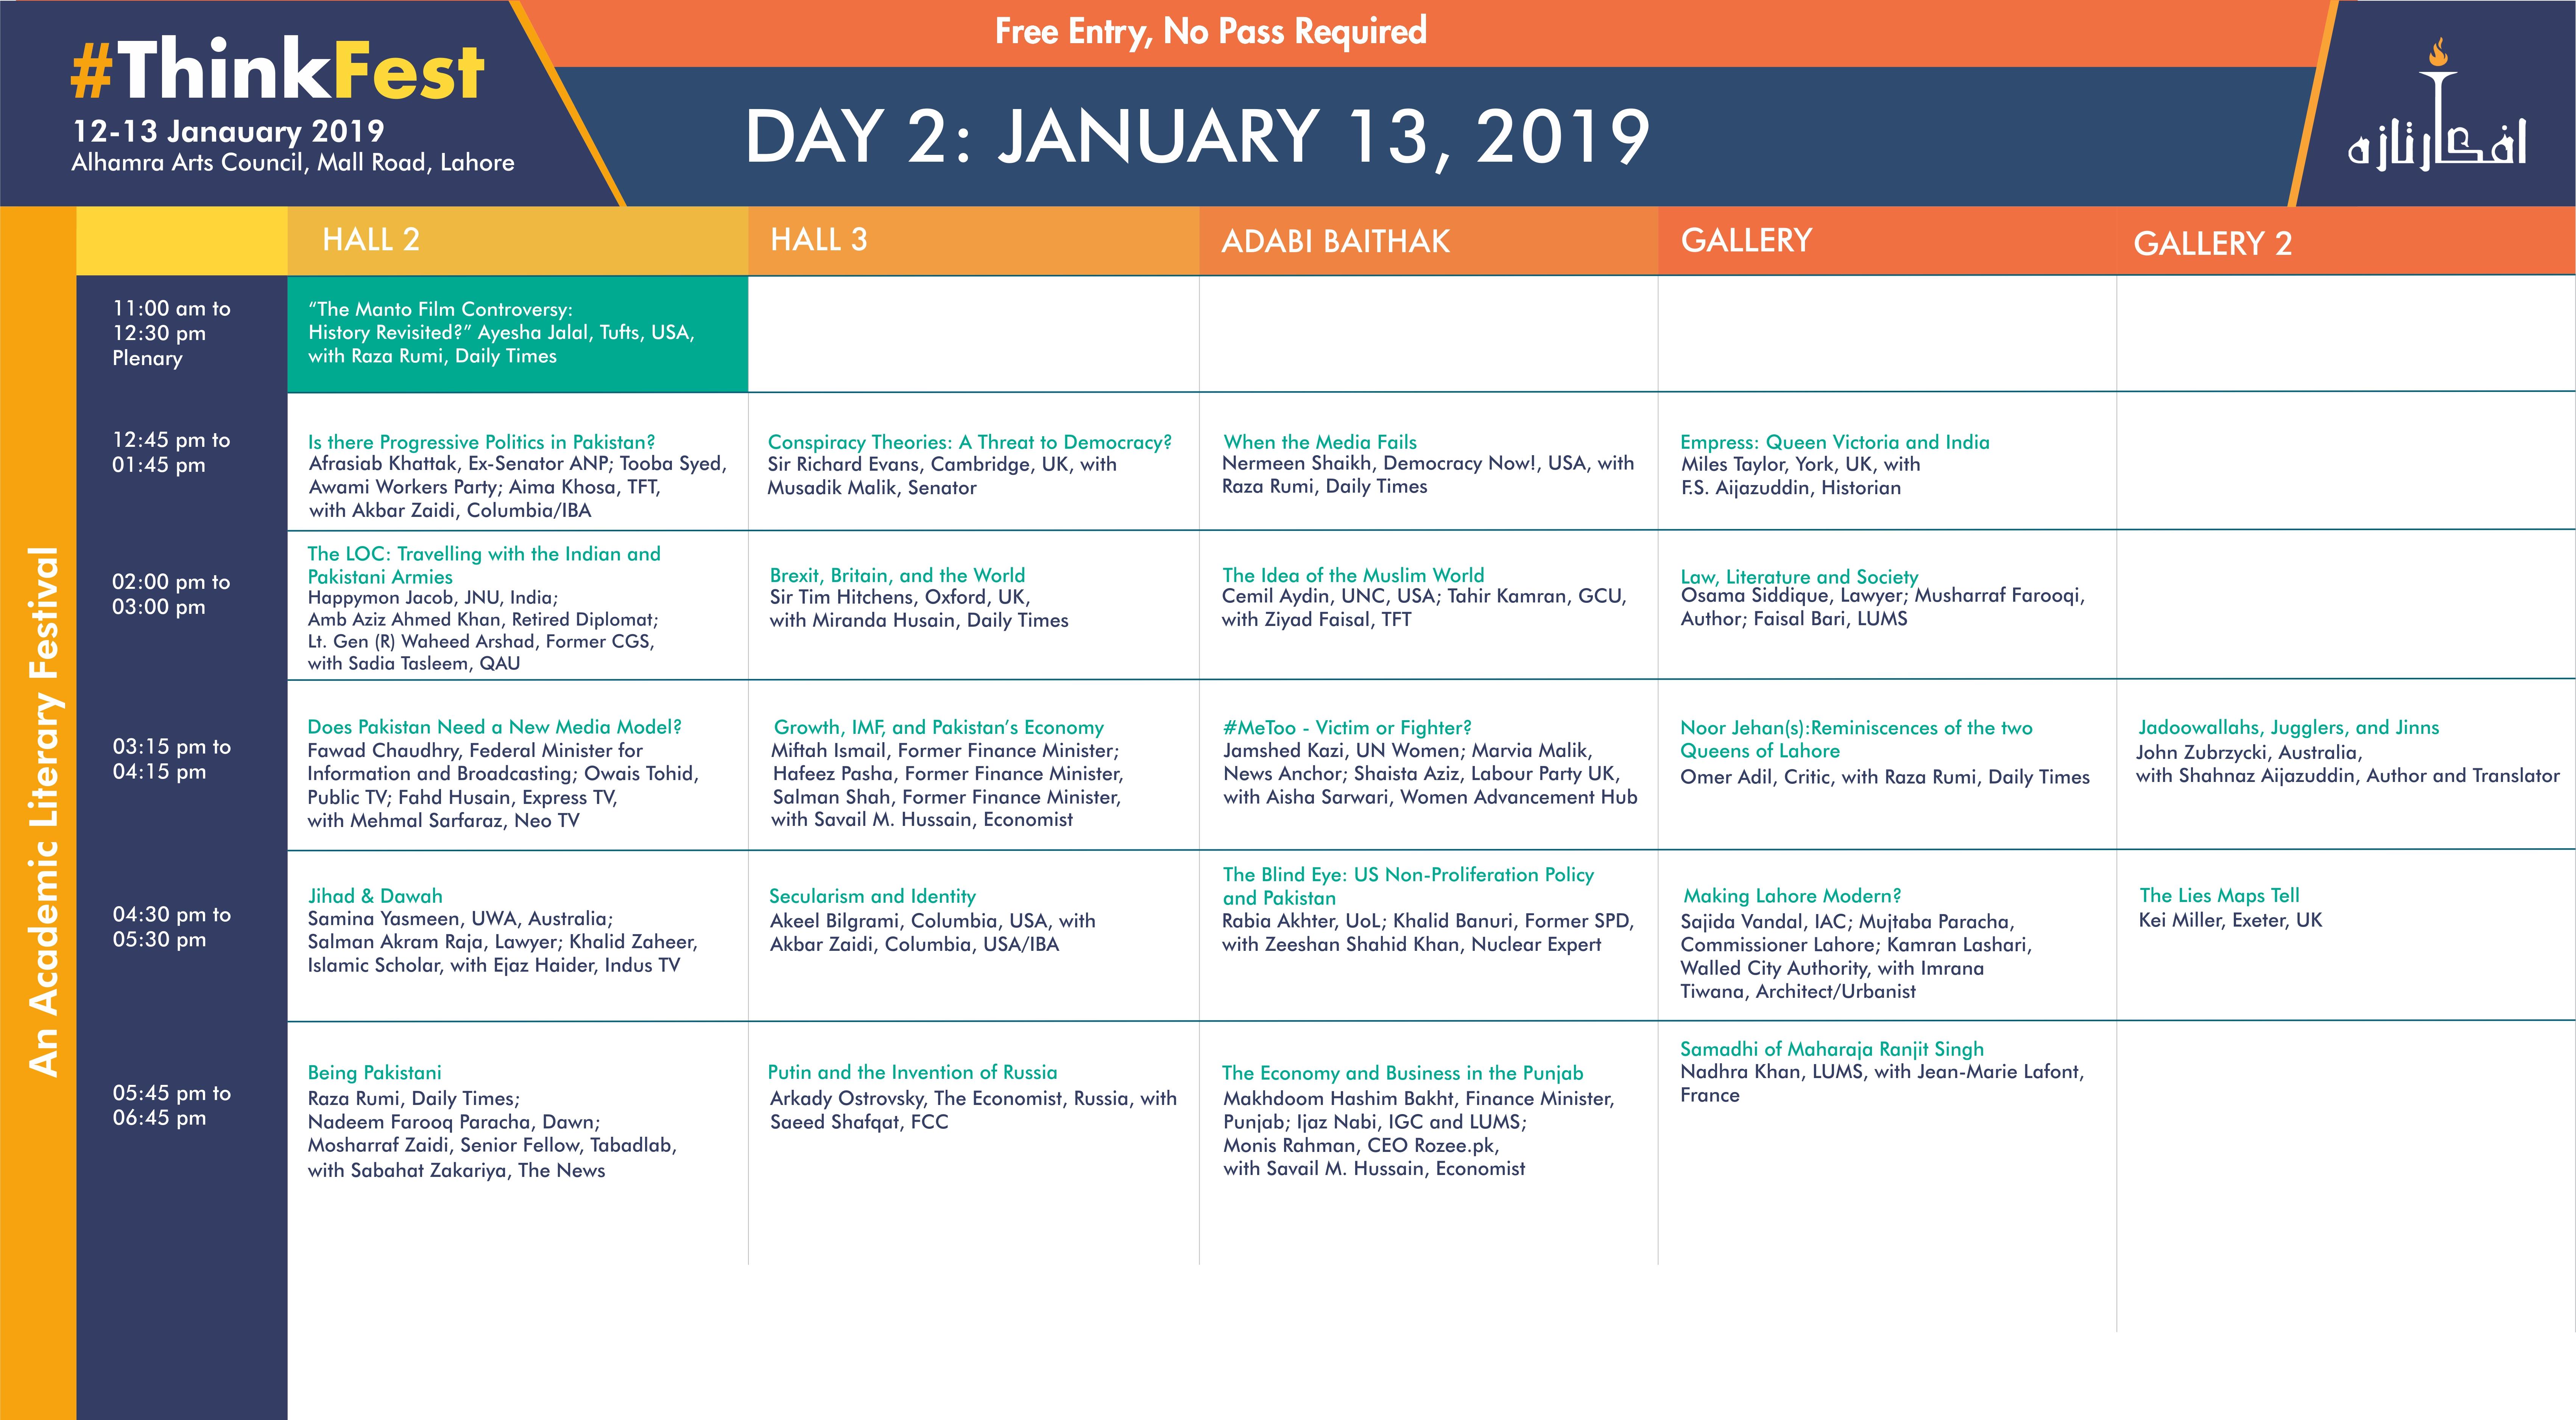 thinkfest day 2 schedule